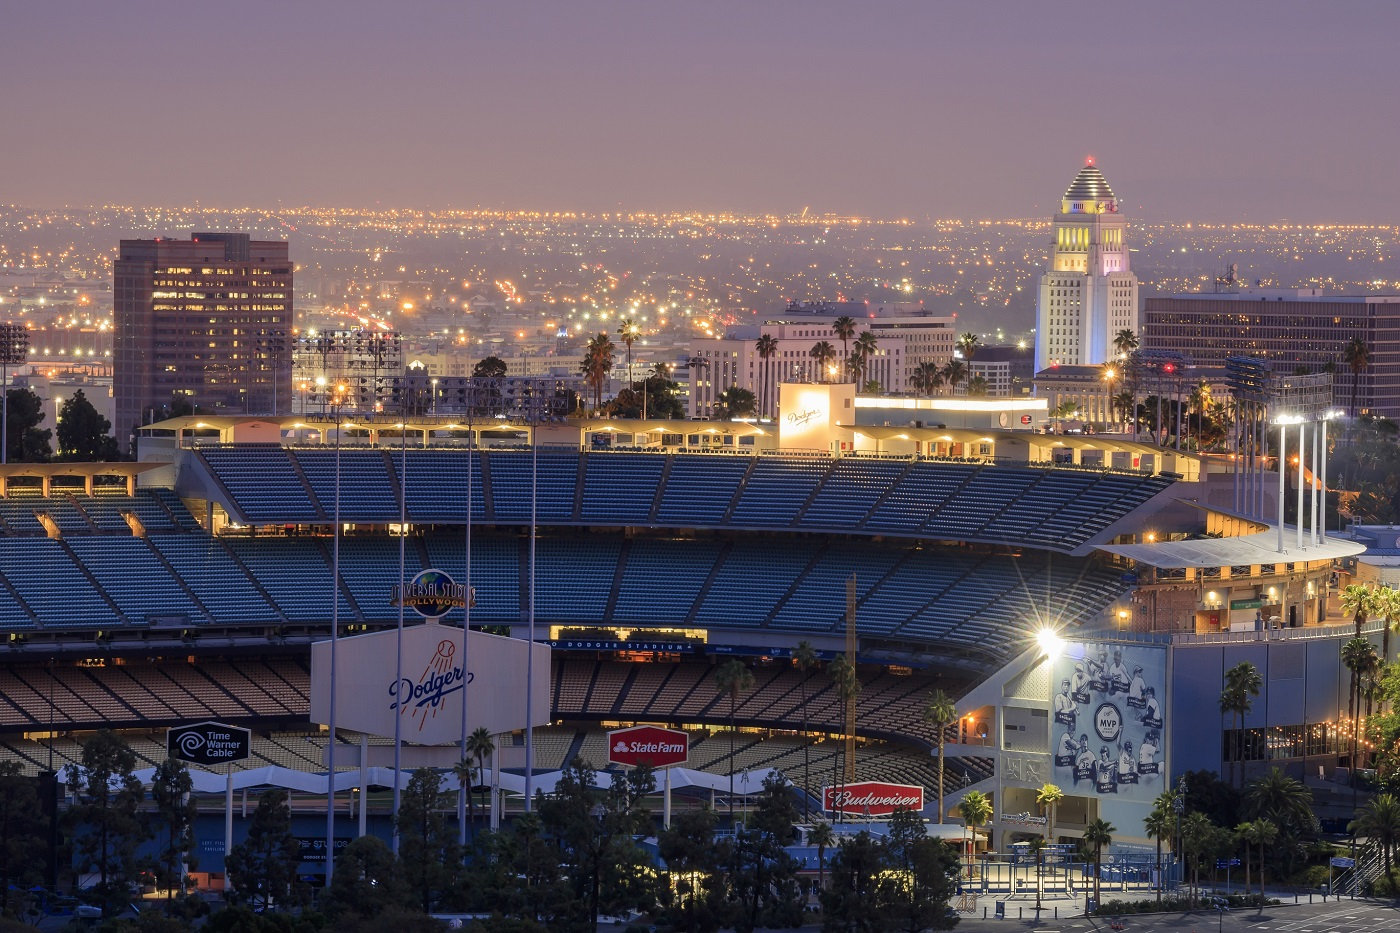 Aerial View of Dodger Stadium Twilight